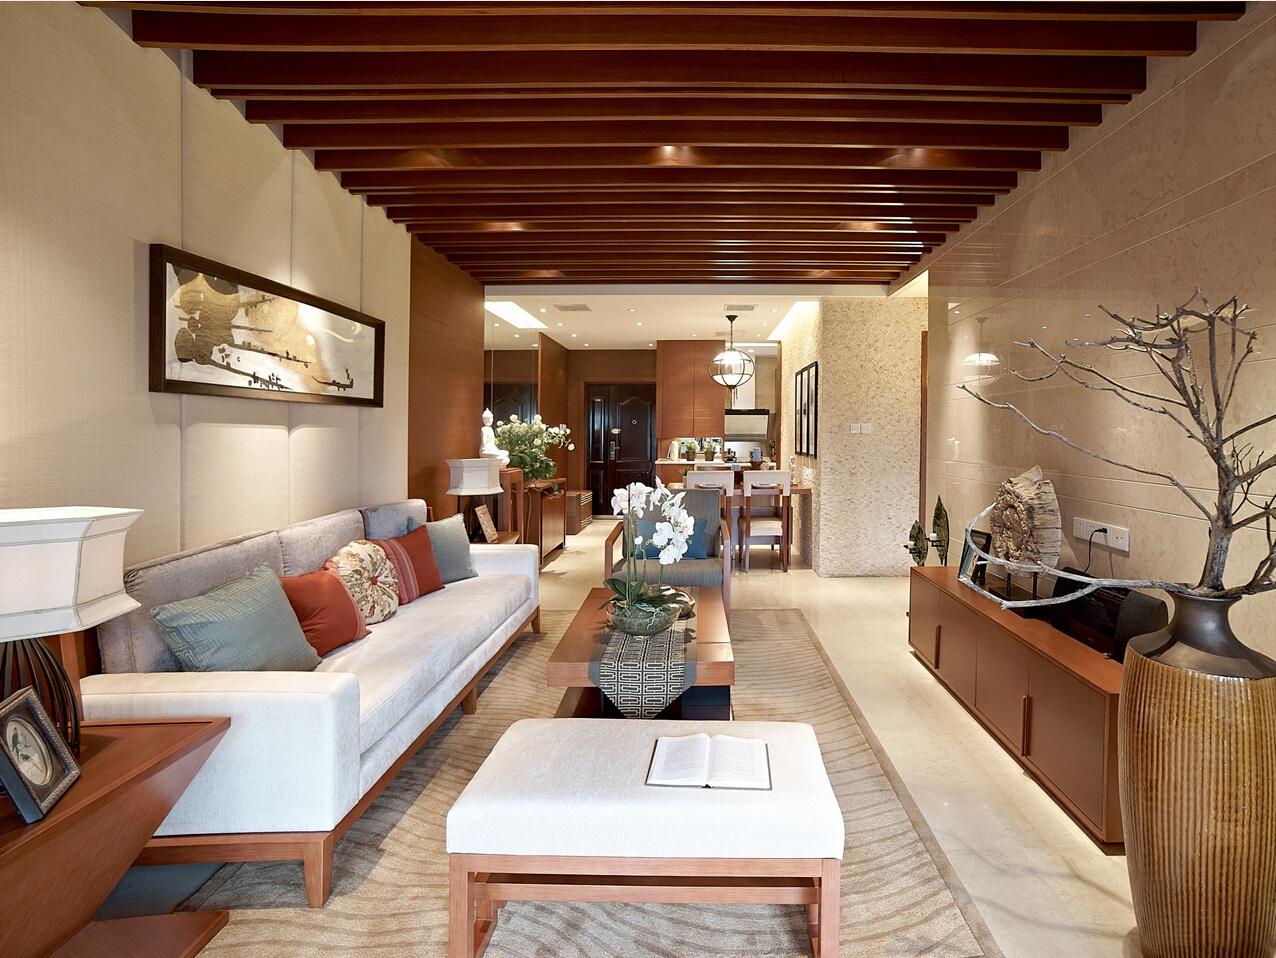 客厅通过对称性布局展现出高雅的格调,浓重的色彩搭配让室内装饰品和家具现代端庄而优雅。